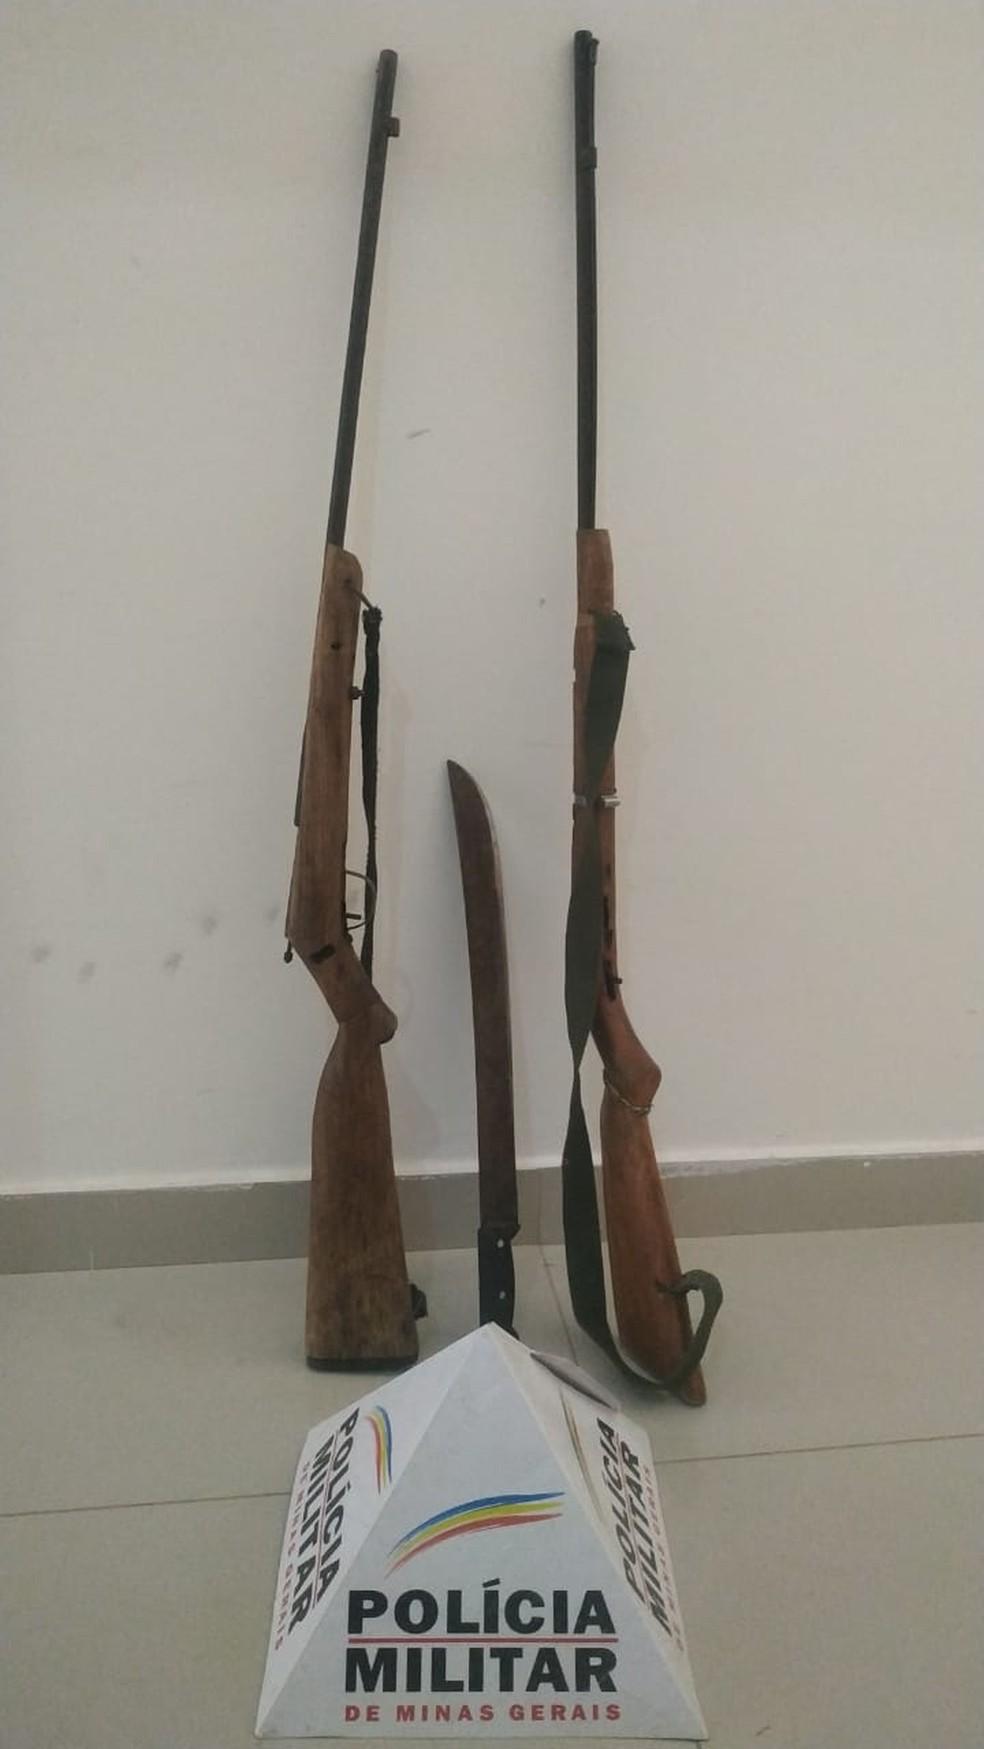 Armas e faca apreendidas pela PM — Foto: Polícia Militar/Divulgação